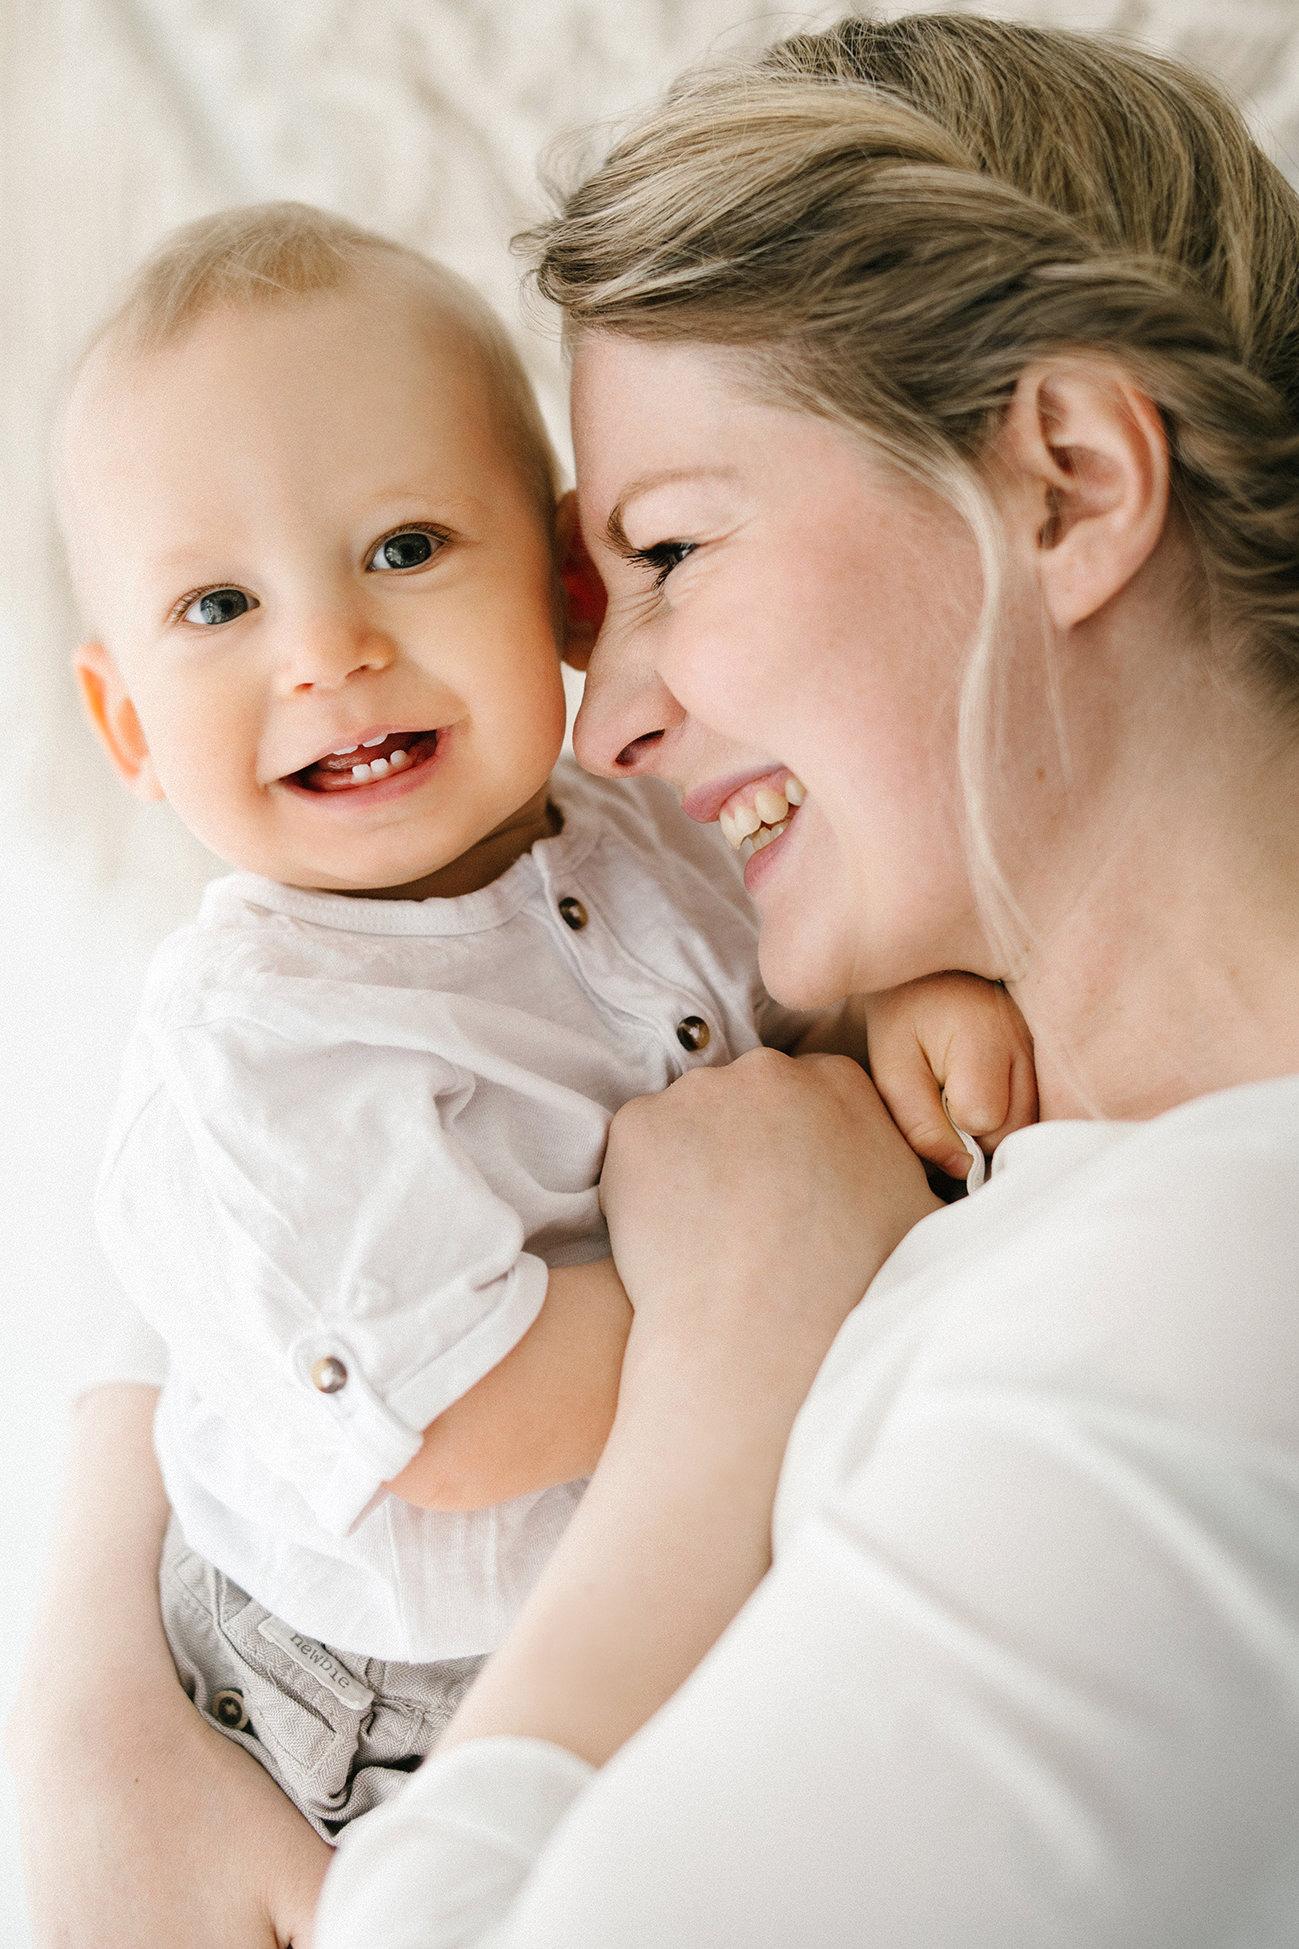 Mommy & Me Kuvauspäivä, Susanna Nordvall, Äitienpäivä, Mother's Day, Perhekuvaus, Lapsikuvaus, Valokuvaus Helsinki (2).jpg